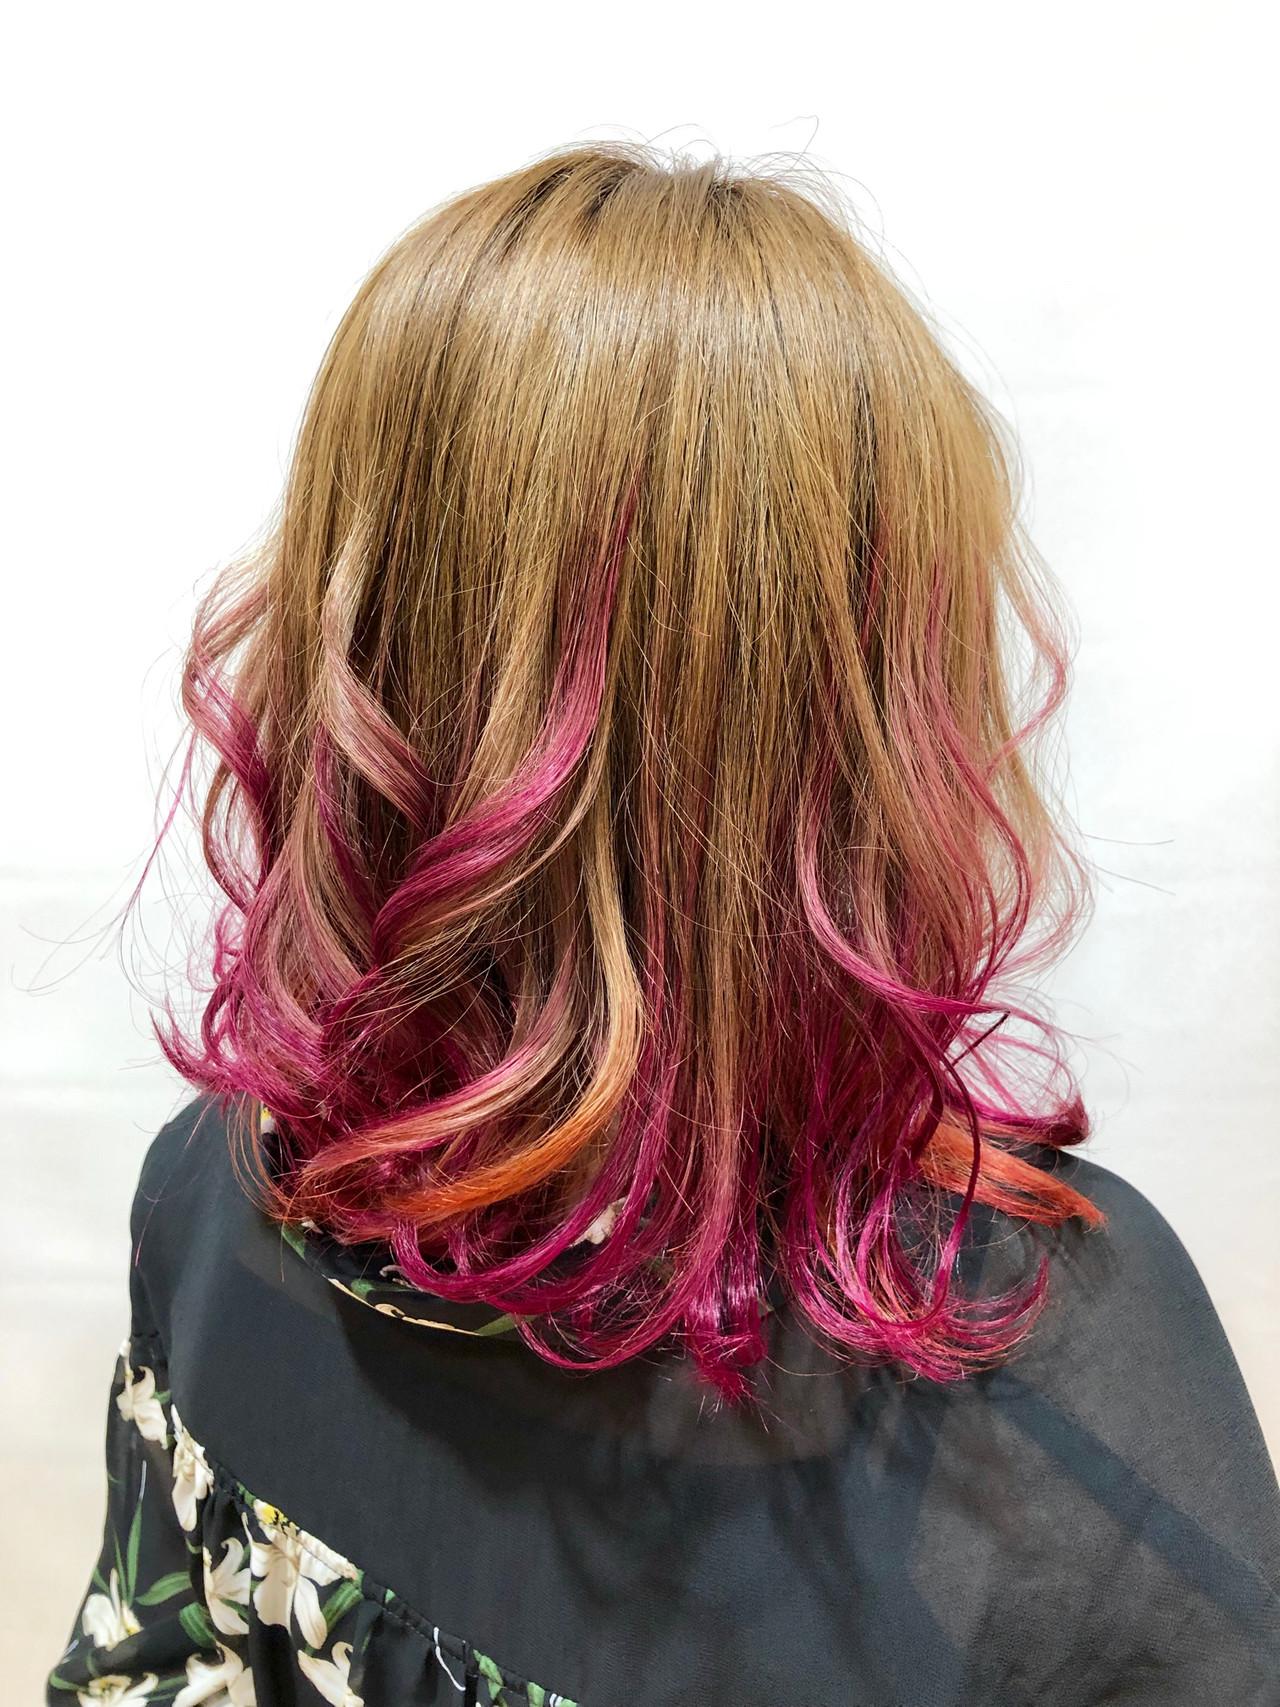 ピンク ミディアムレイヤー ミディアム ベージュ ヘアスタイルや髪型の写真・画像 | 出塩 浩之 / MORIO FROM LONDON さいたま新都心